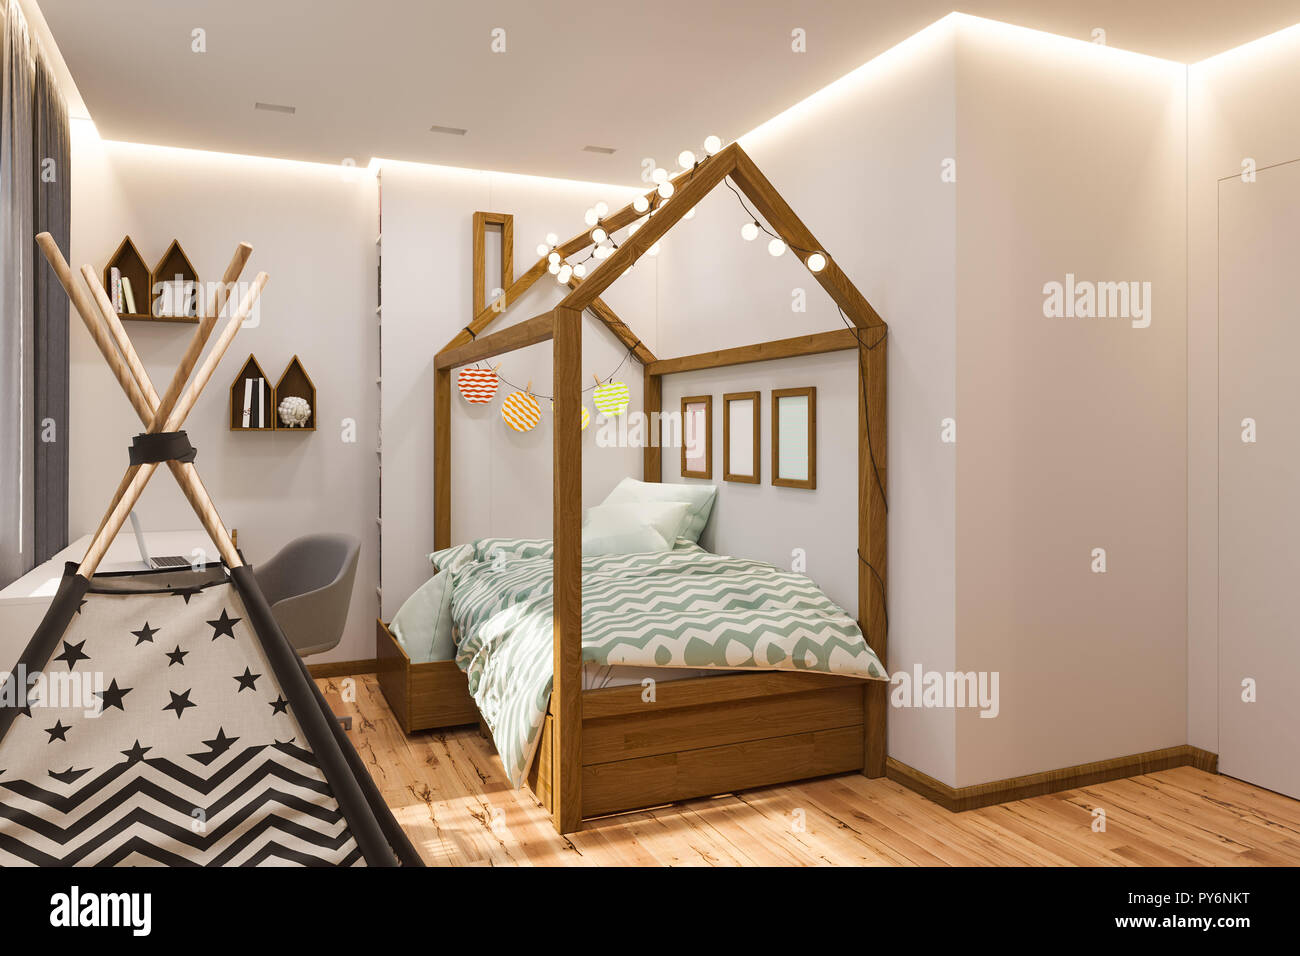 Design Scandinavo Camera Da Letto.Il Design Degli Interni E Sala Giochi Per Bambini E La Camera Da